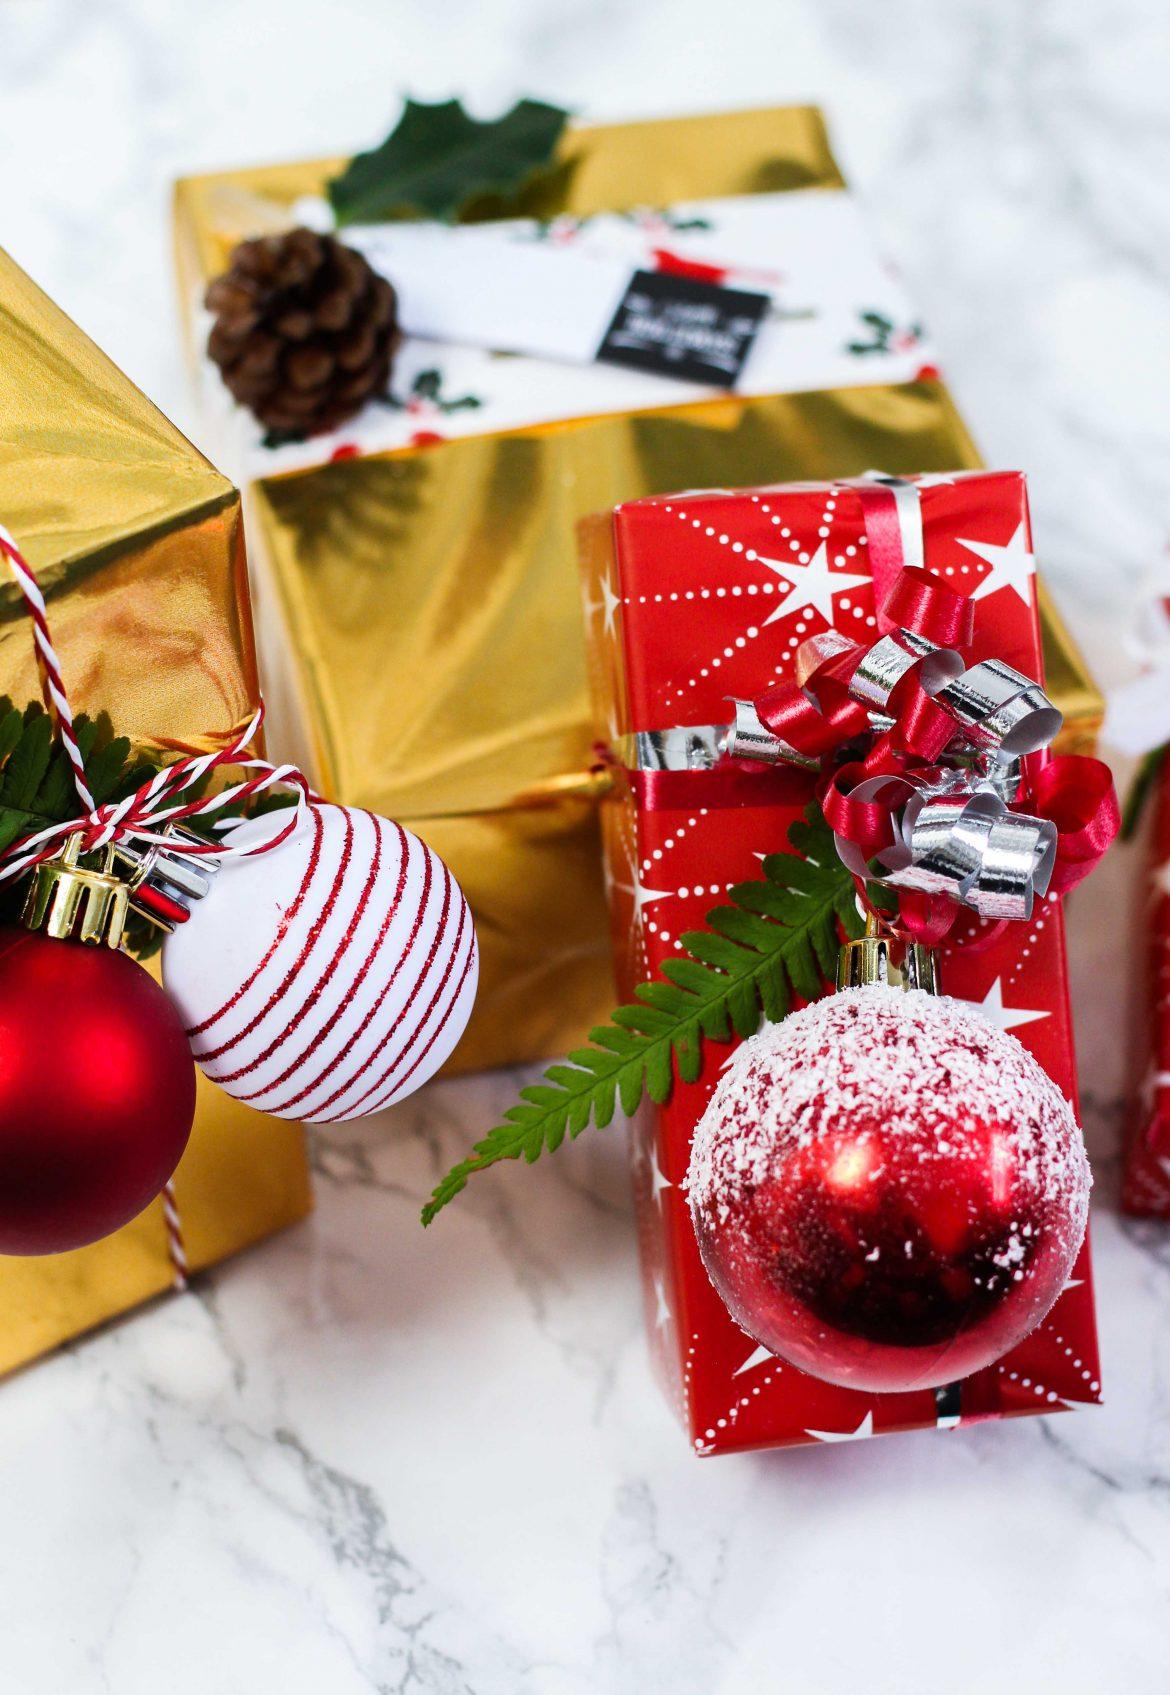 Geschenke kreativ einpacken Weihnachten Kreativer Christmas Gift ...